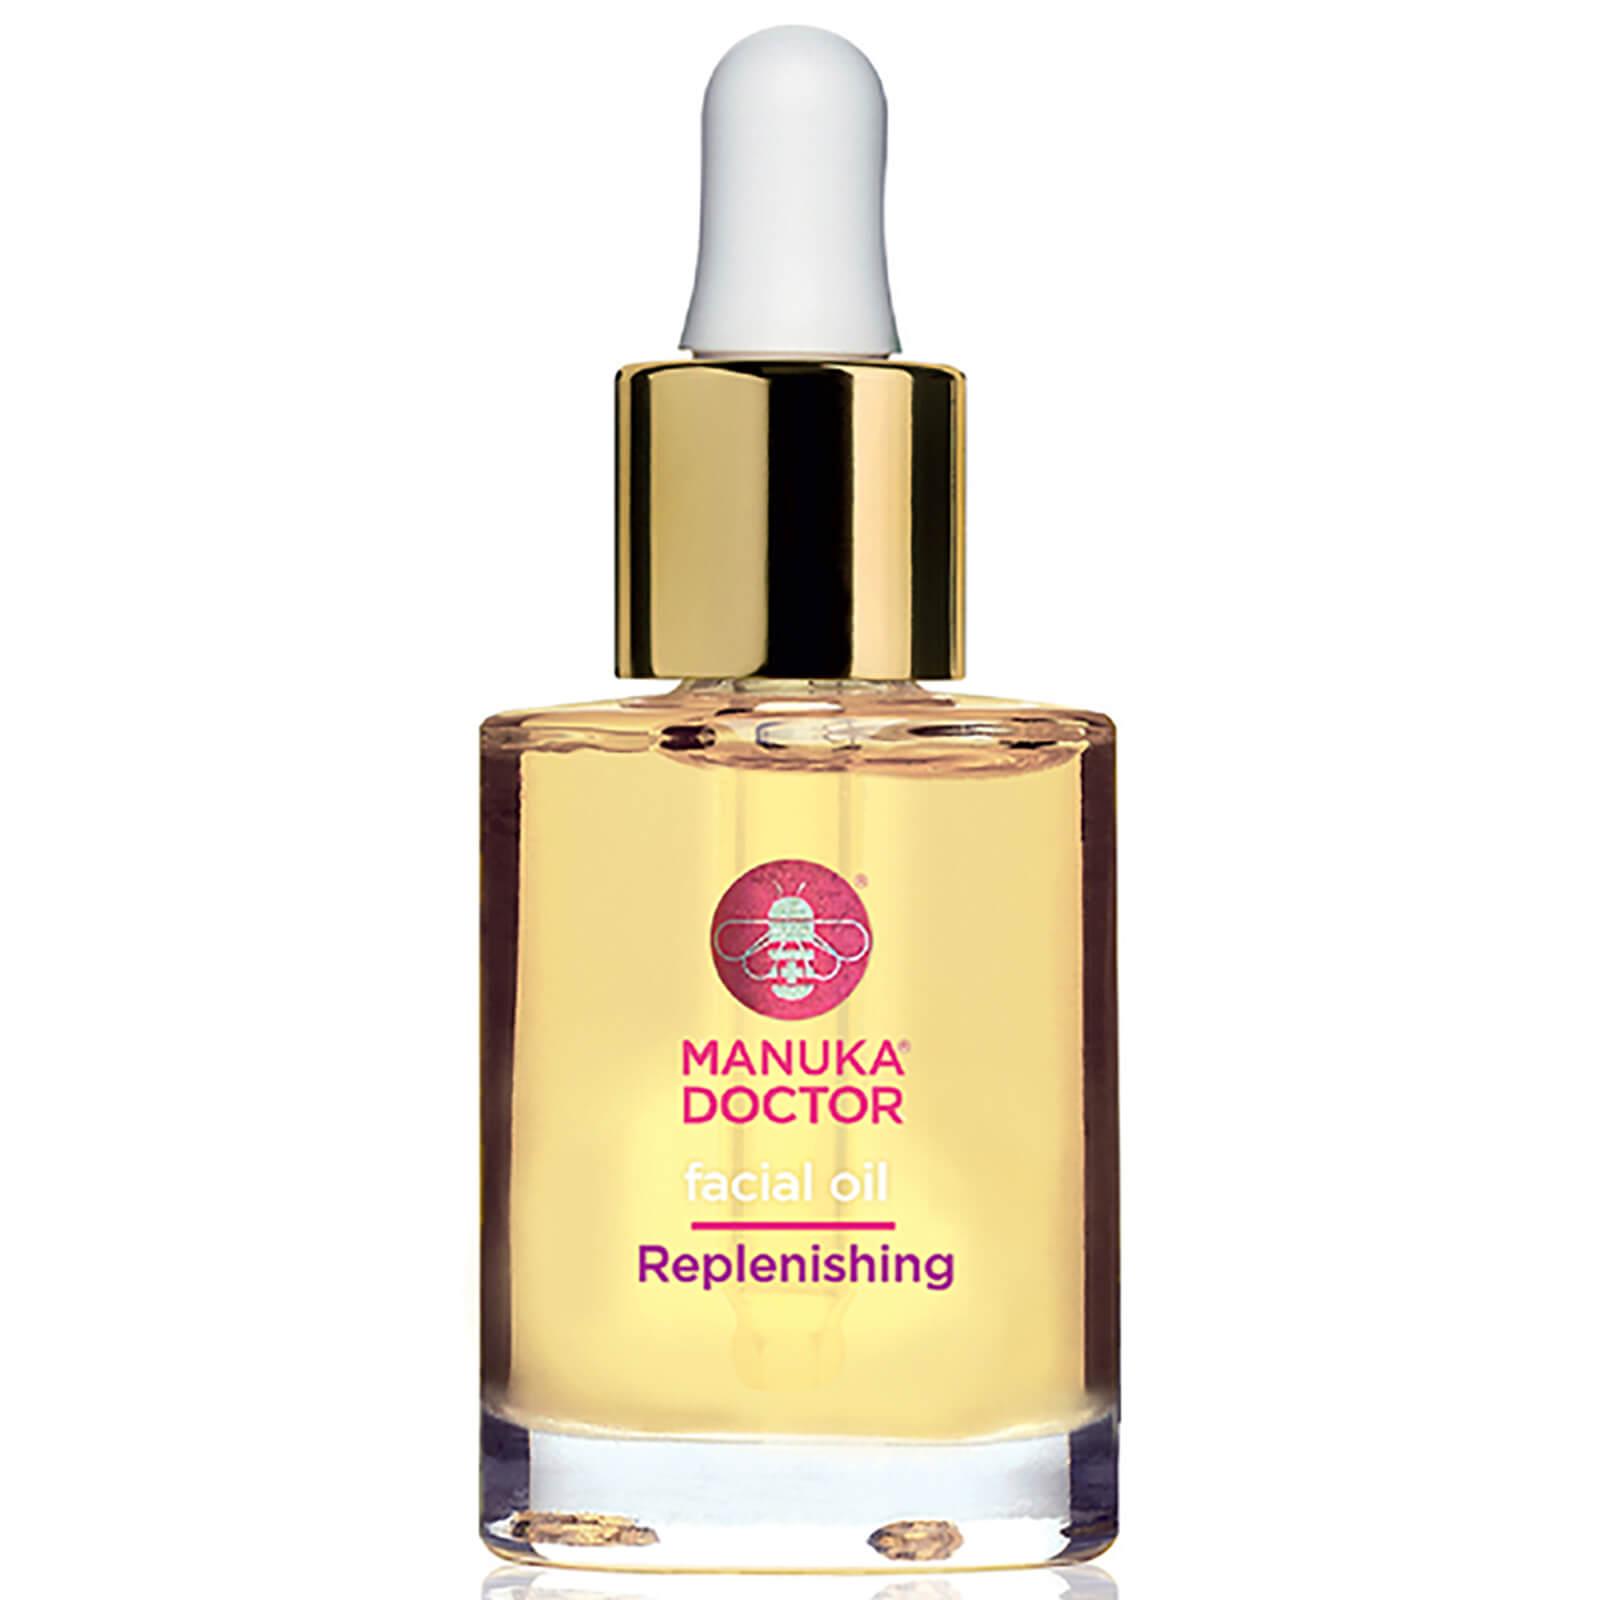 Manuka Doctor Huile Visage Régénérante Replenishing Facial Oil Manuka Doctor 25 ml